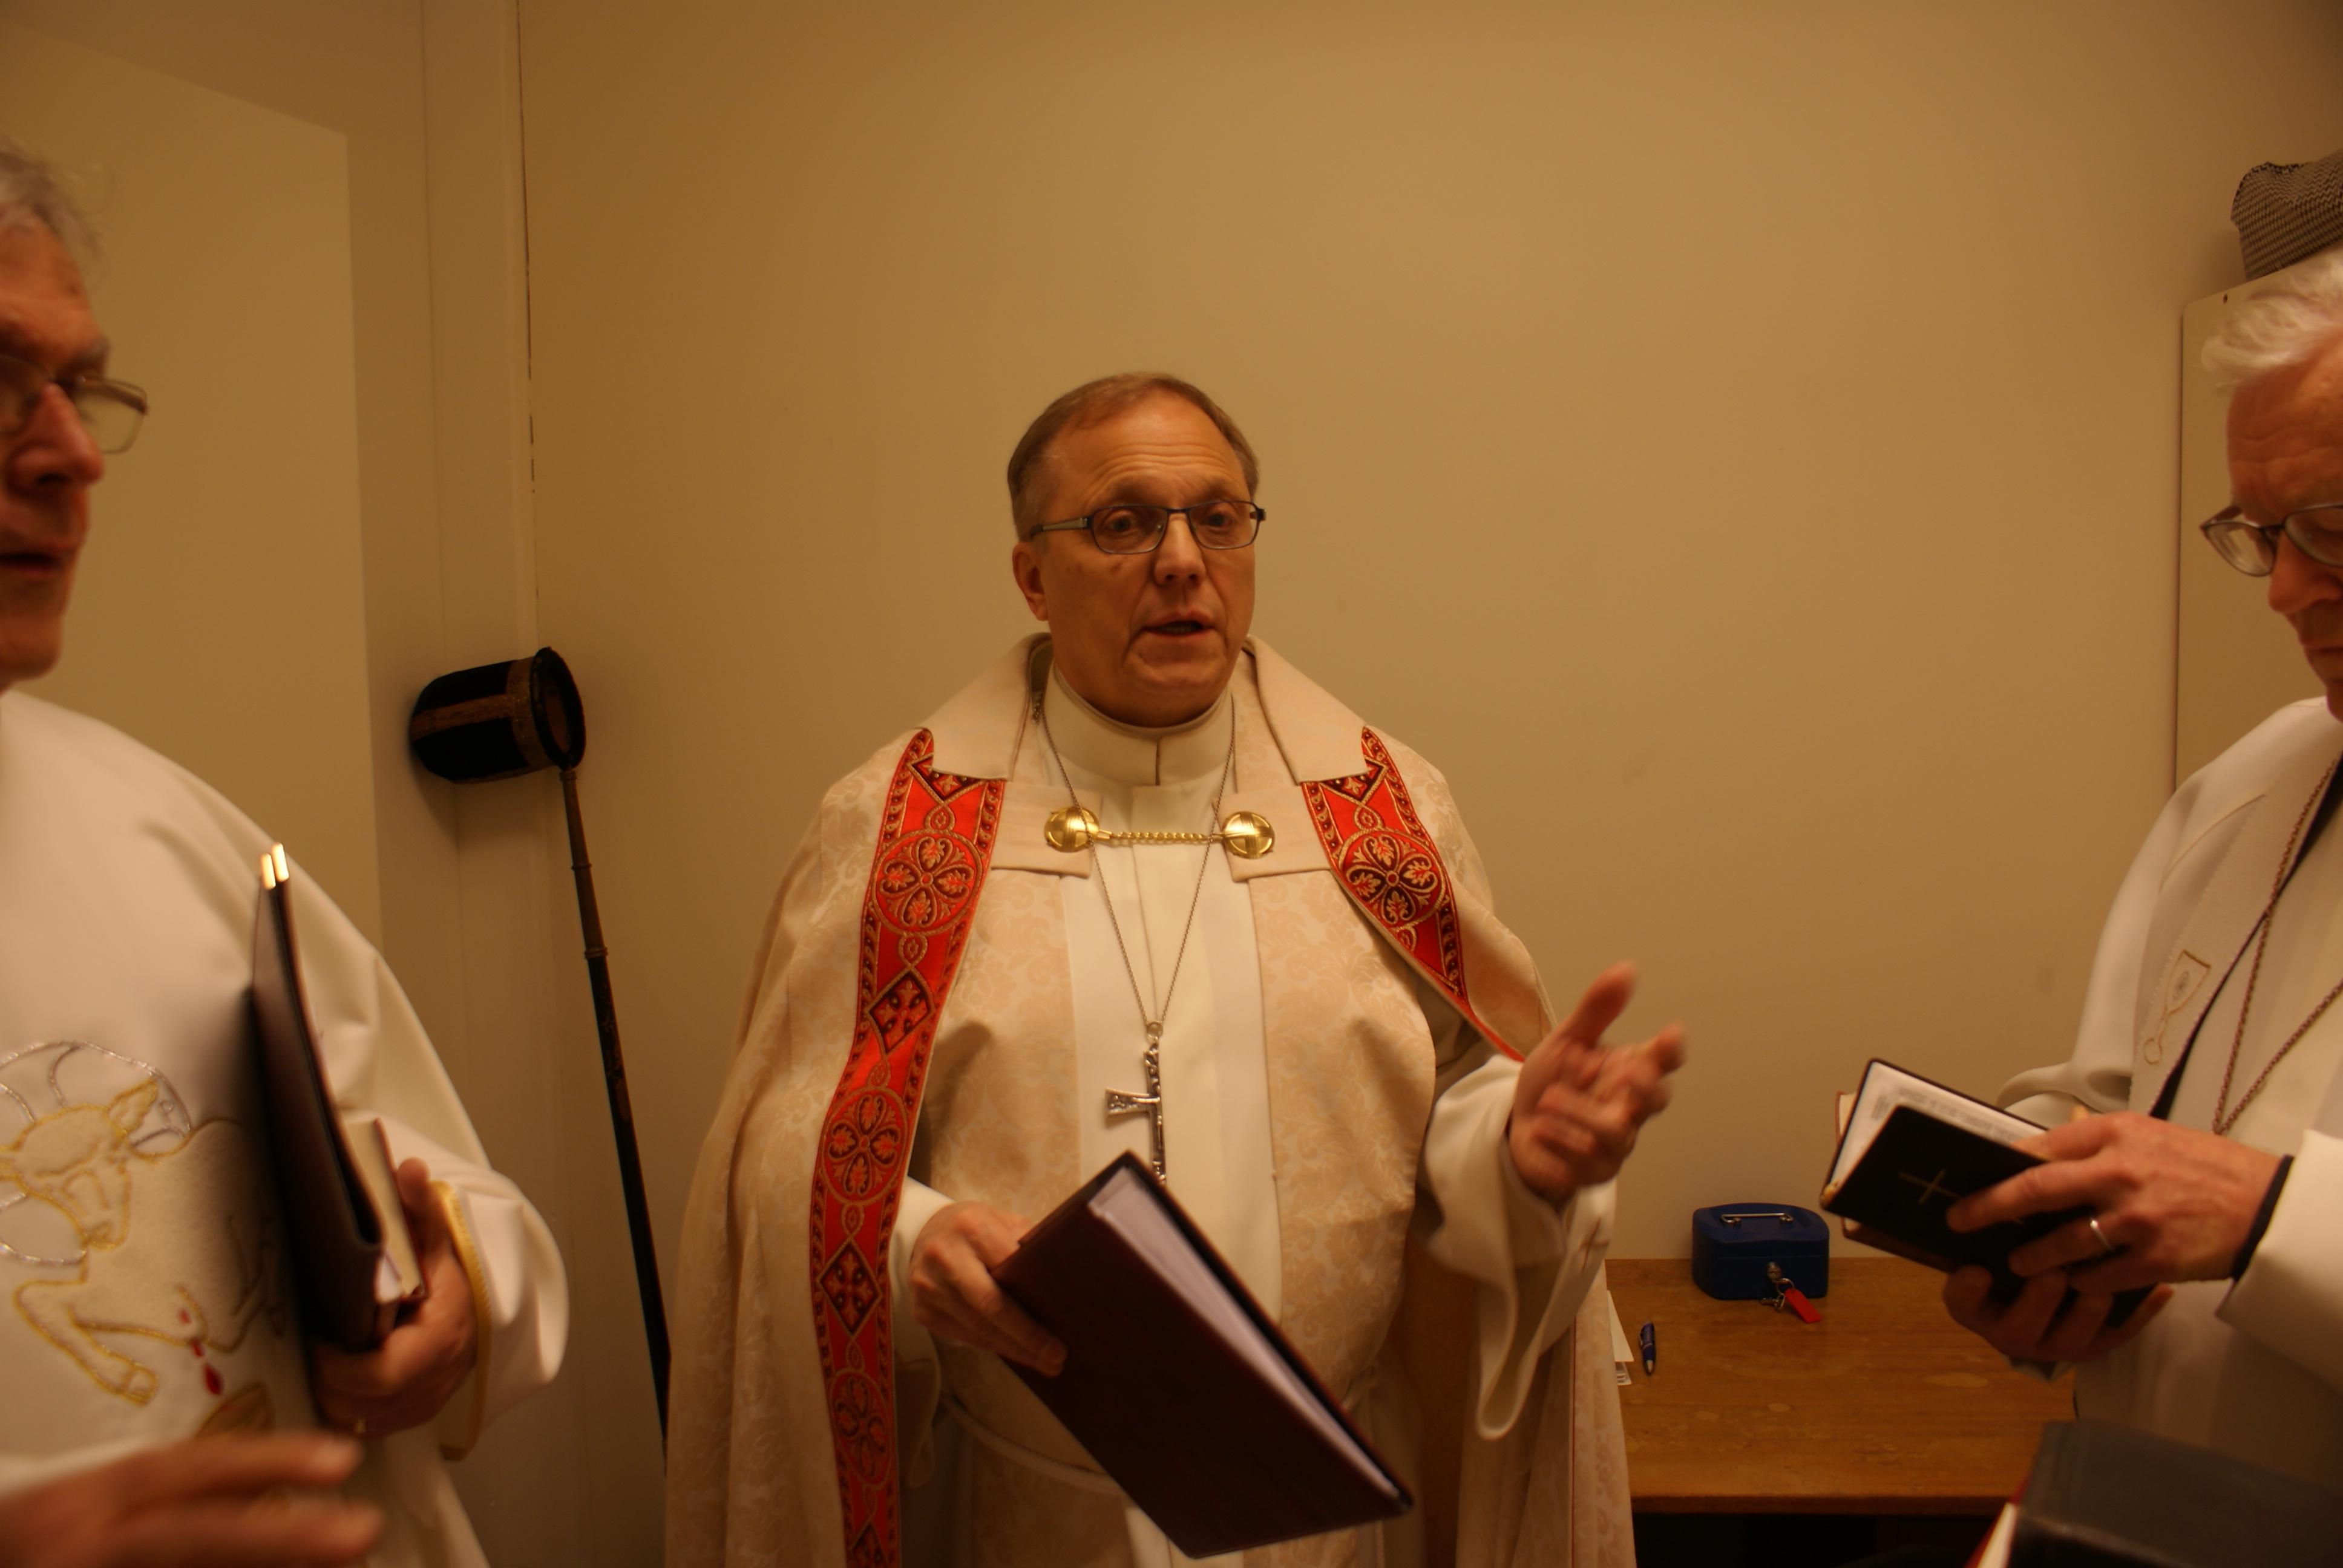 Piispa Risto Soramies valmistautuu messuun